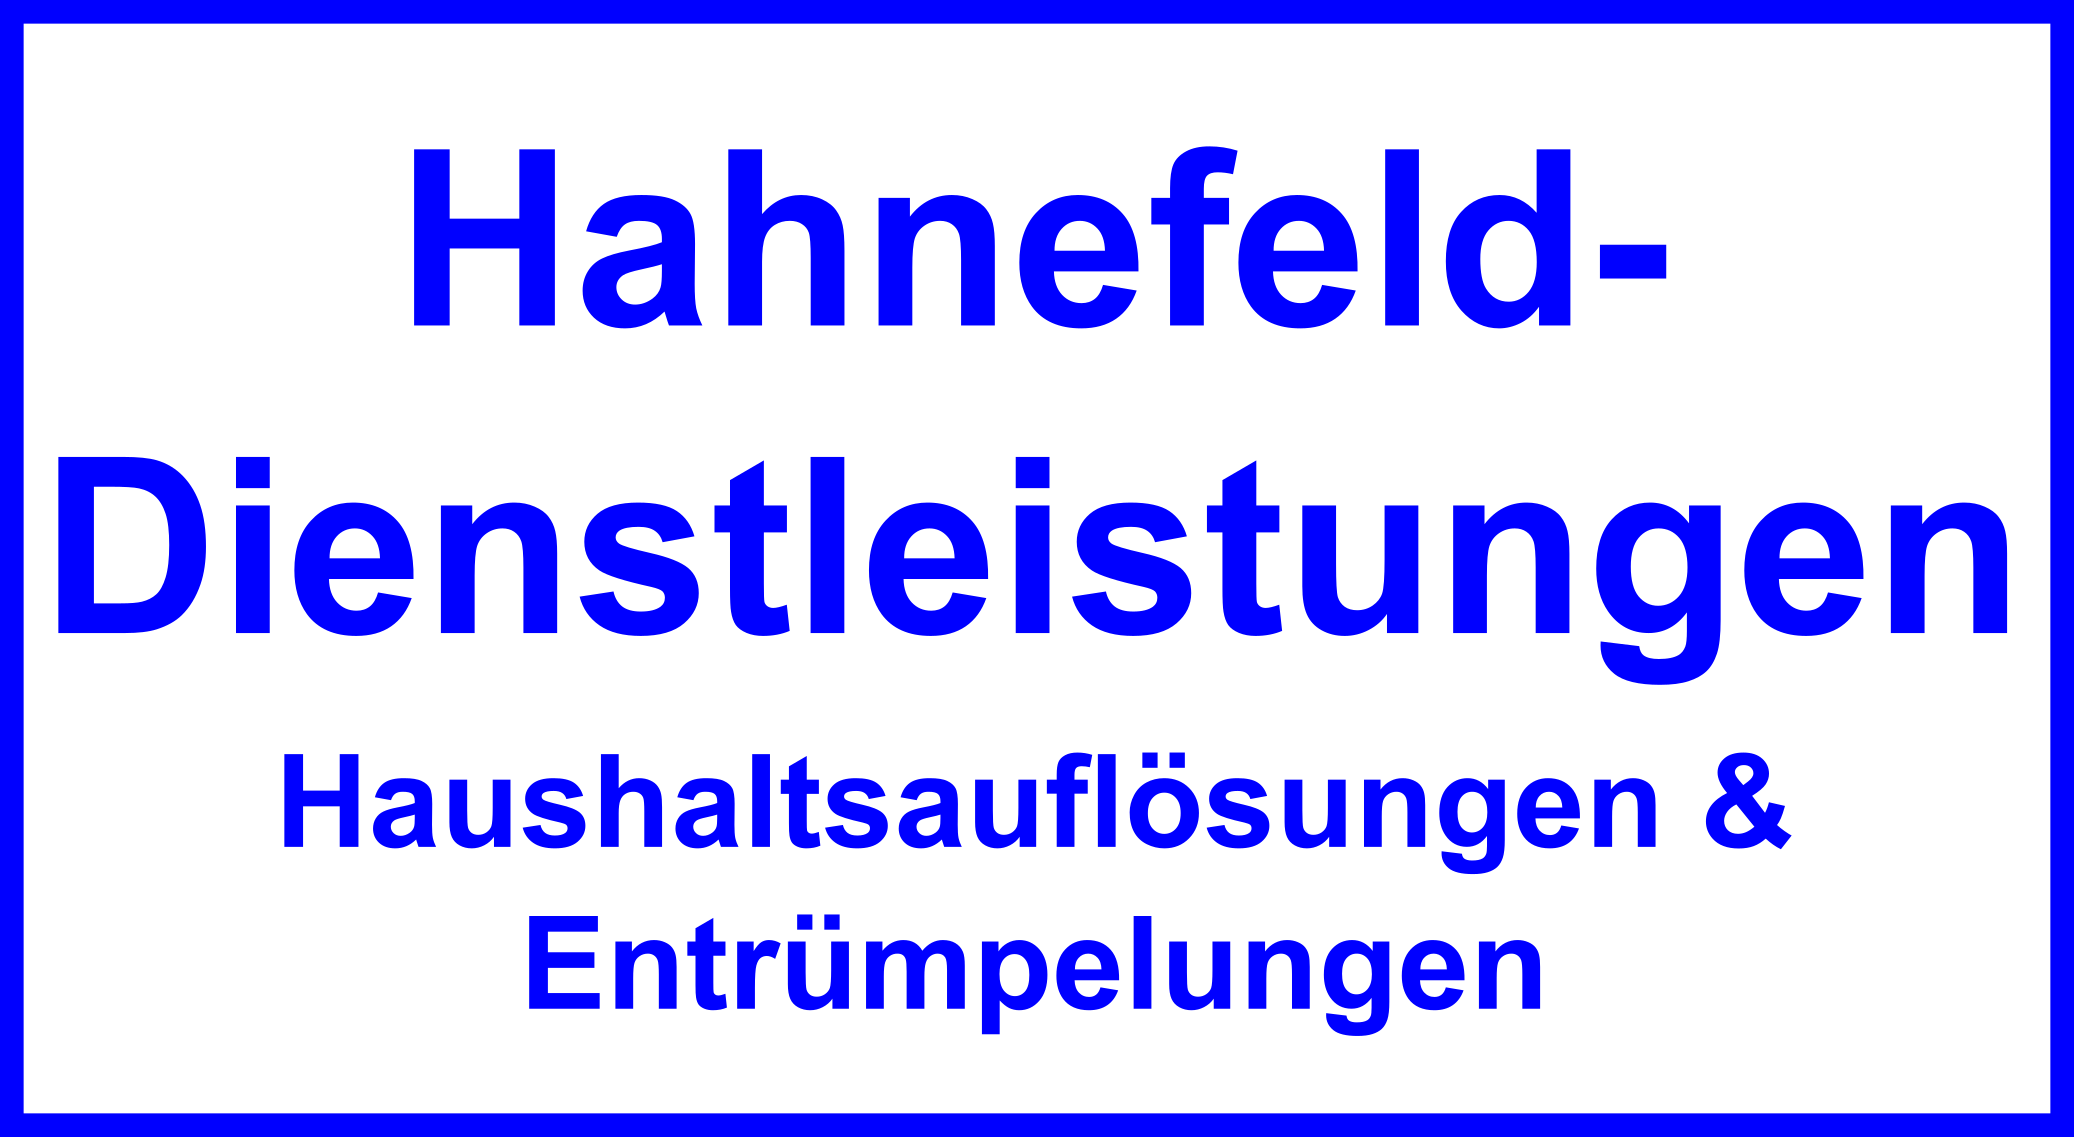 Haushaltsauflösung Wohnungsauflösung Entrümpelung in OPR Brandenburg